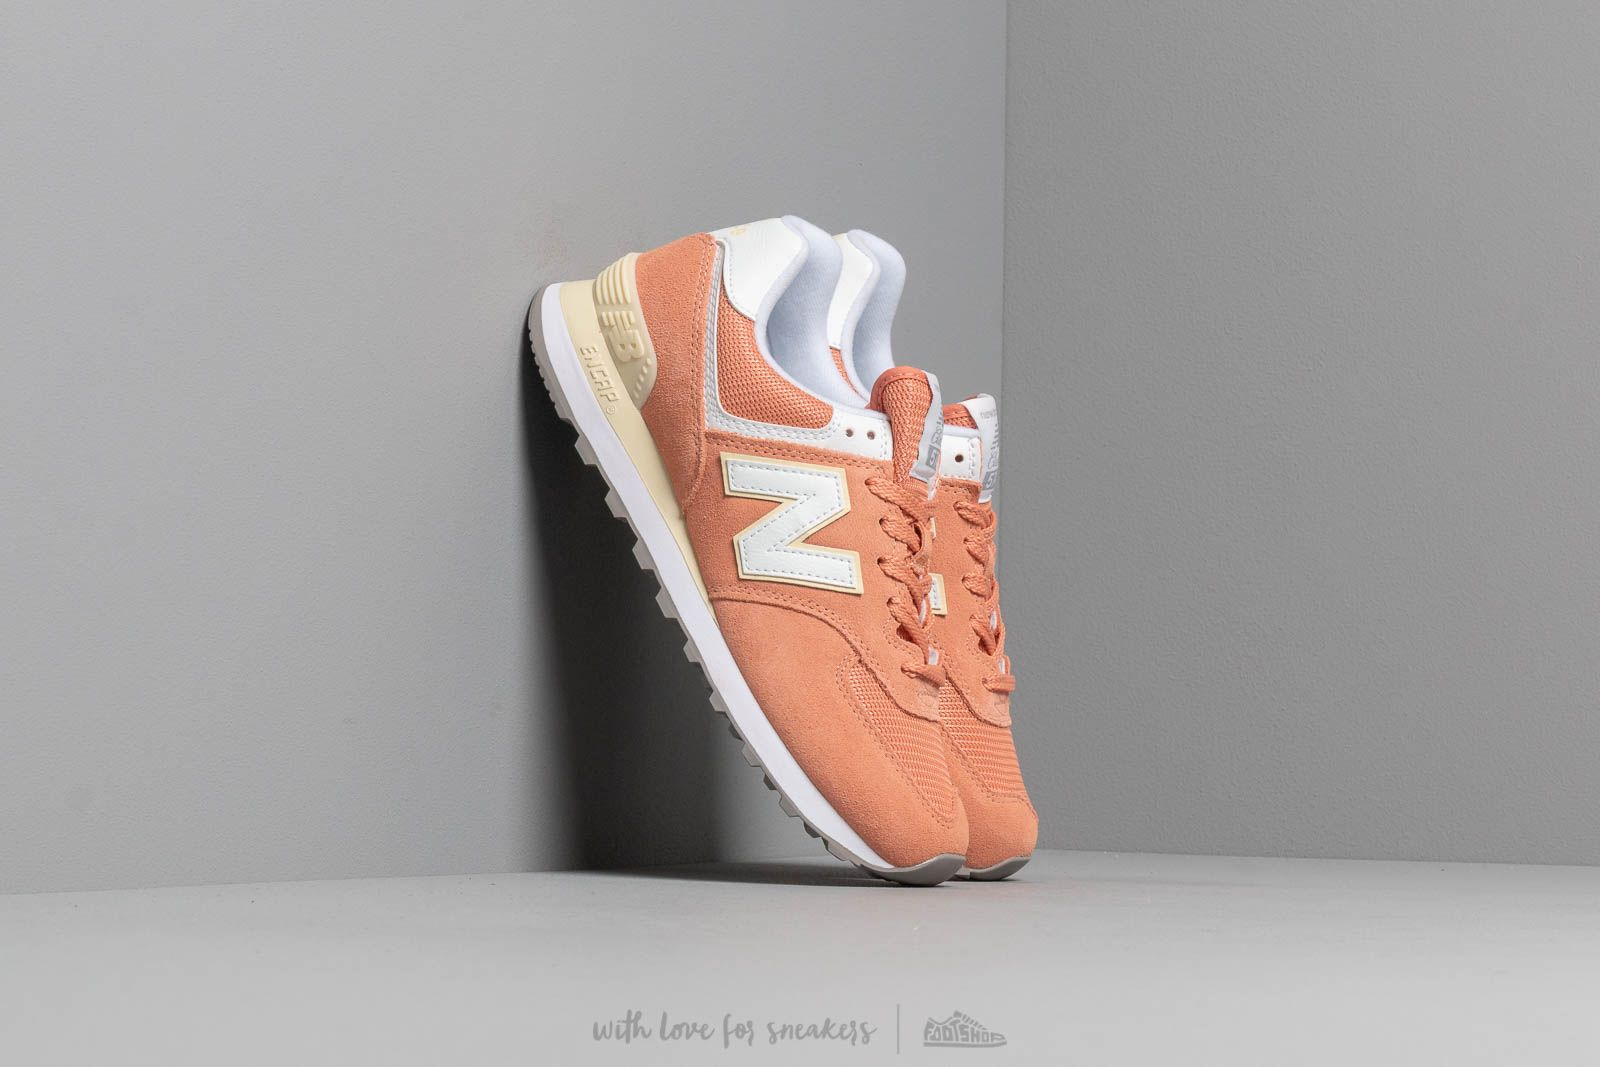 online store 8f8df b29a6 New Balance 574 Orange  White la un preț excelent 407 Lei cumpără la  Footshop